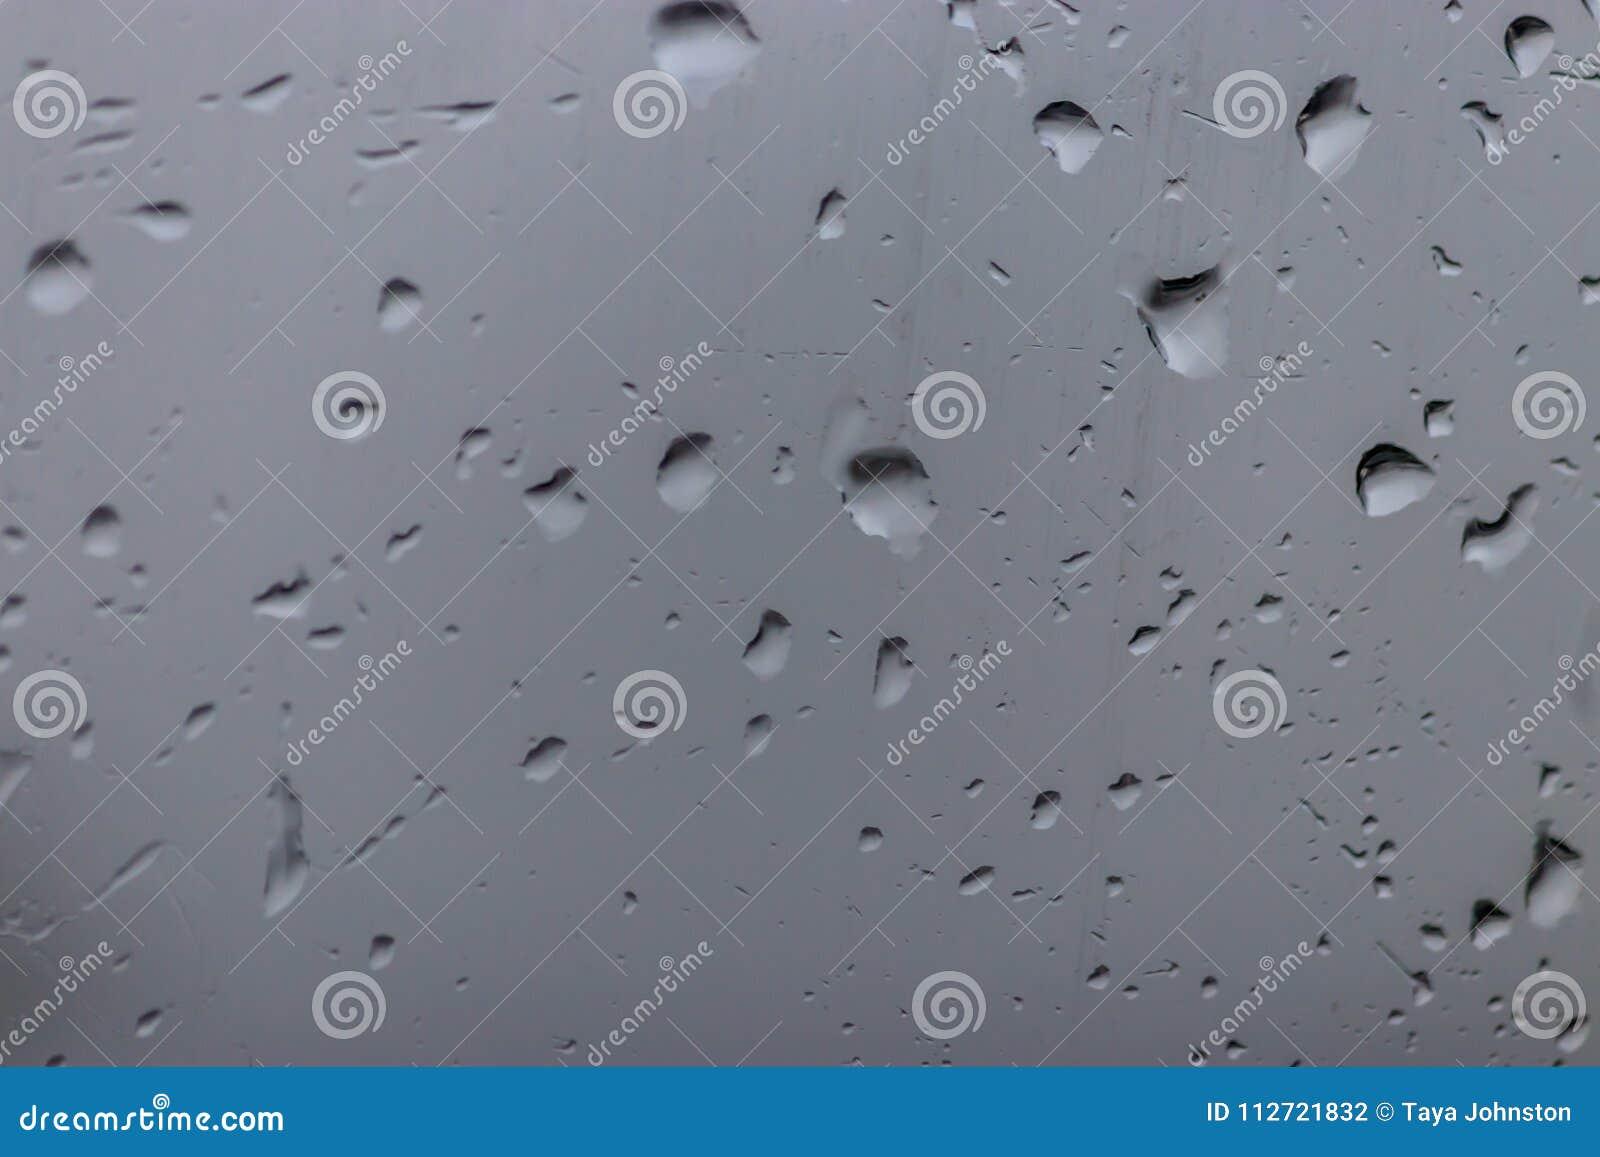 Grey window with rain